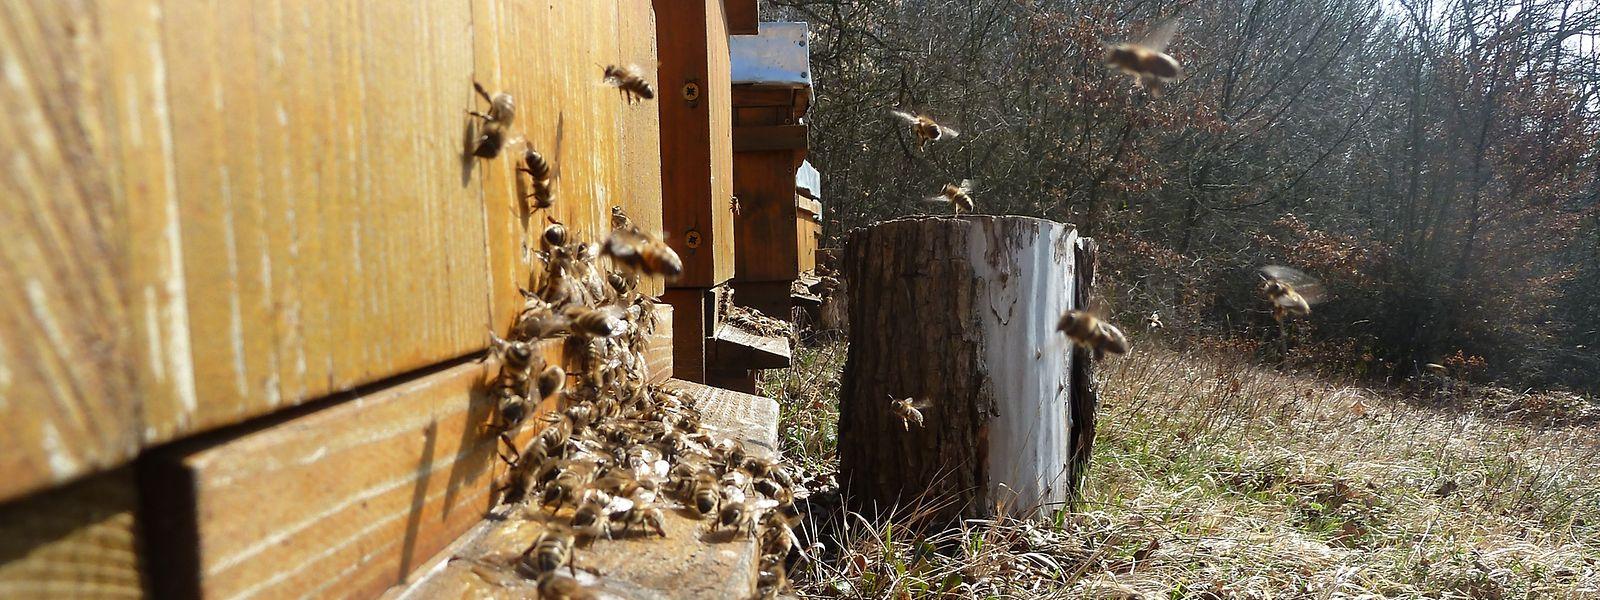 Installer des ruches près de certains monuments, pour parler art ou histoire et environnement, un des six projets finalistes pour diversifier le tourisme de demain.